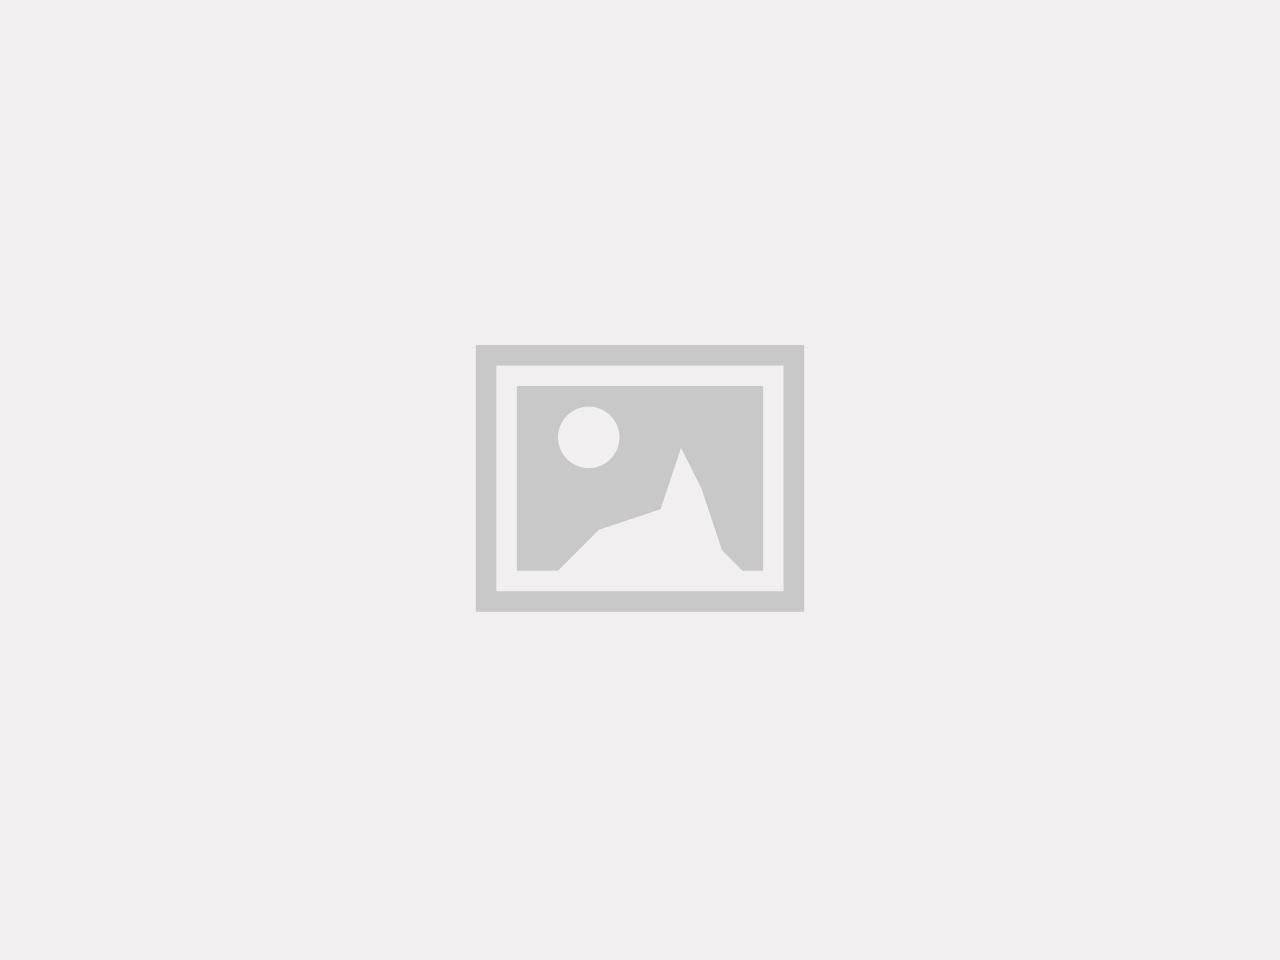 Ezsox barnstrumpor - Vit/röd/grå 2-pack (19-22 samt 31-34)